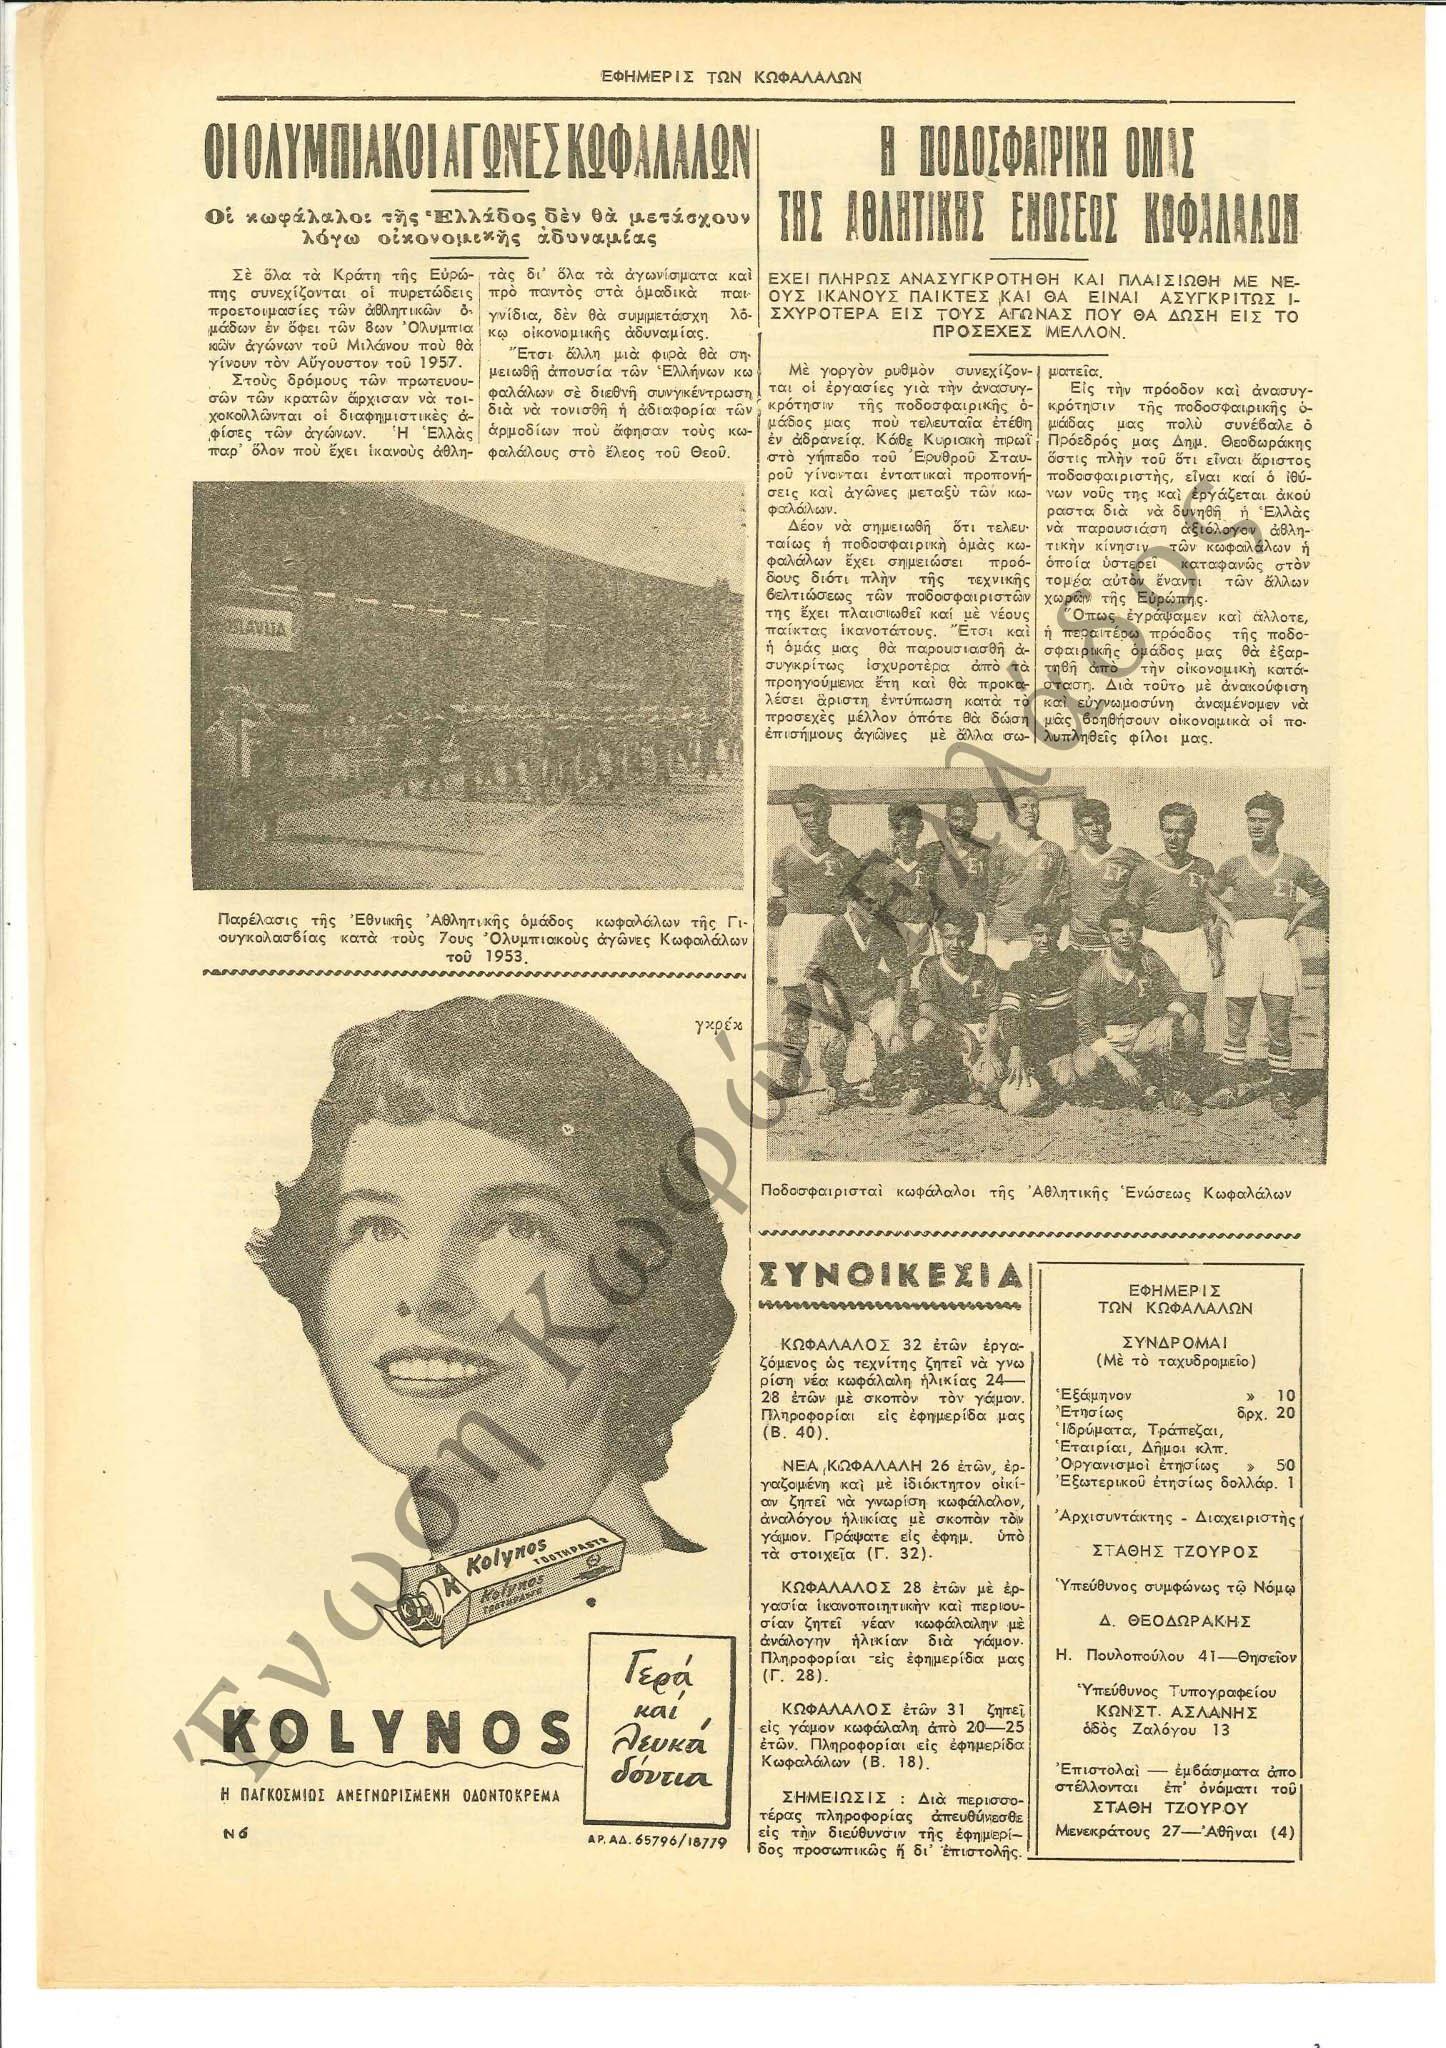 Εφημερίς των Κωφαλάλων 1956-Δεκέμβριος 2